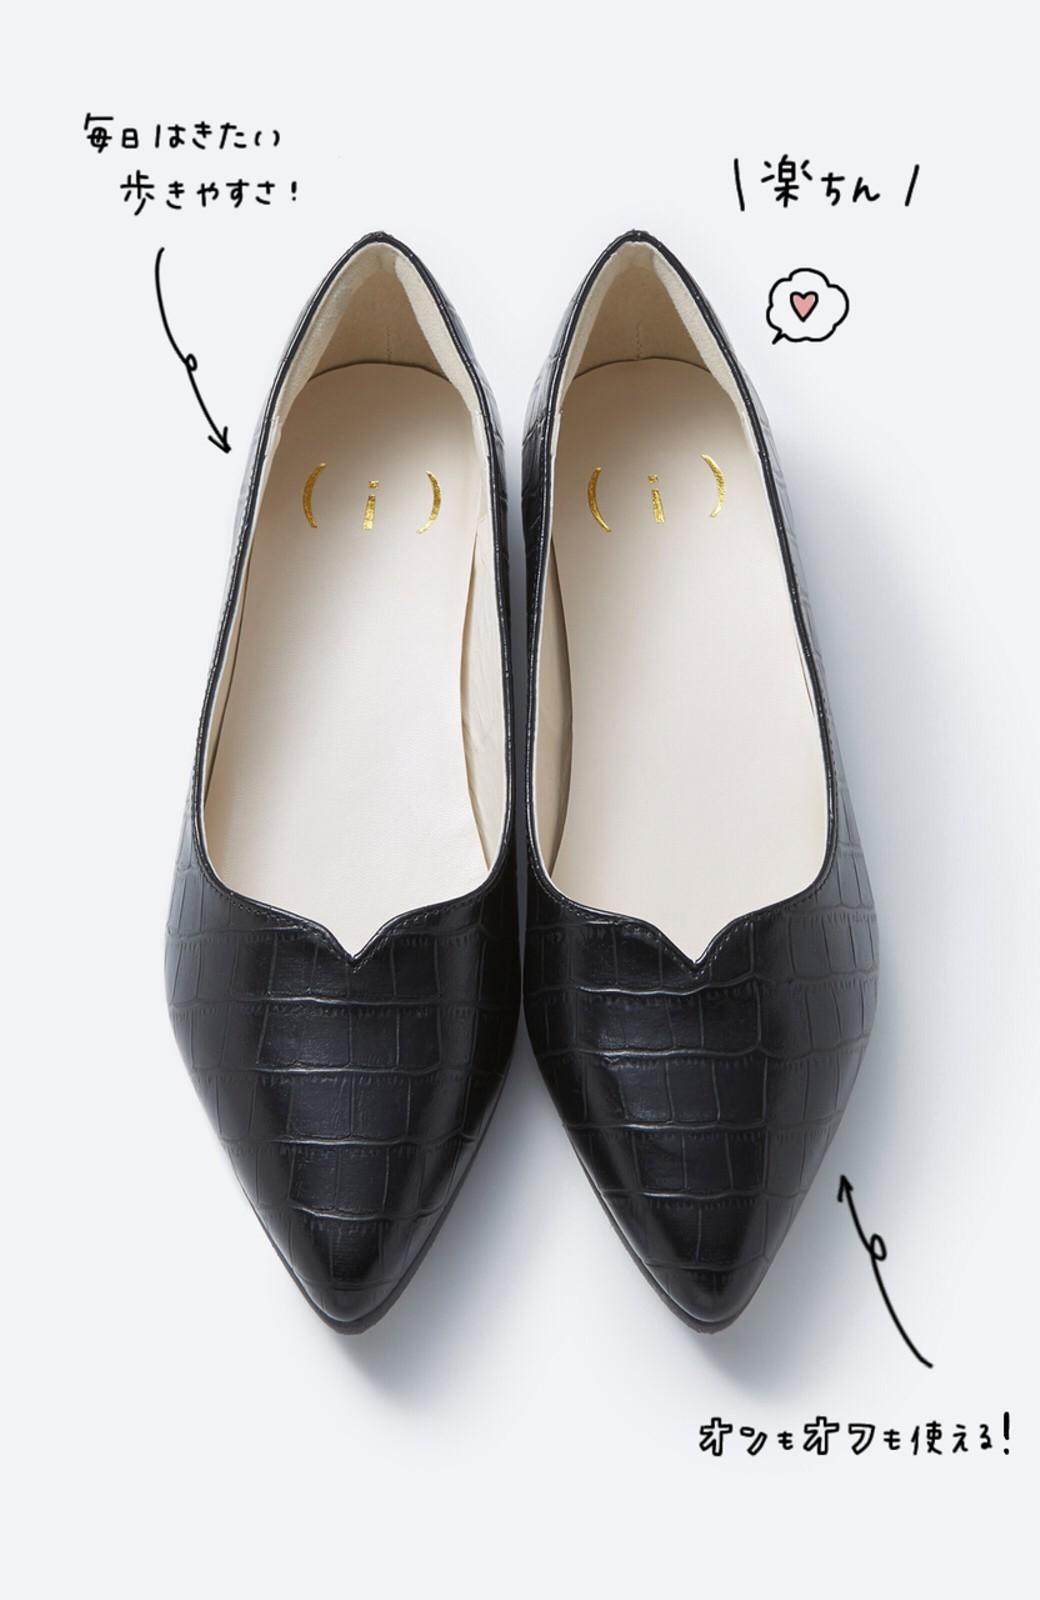 haco! 【防水】普段もお仕事も雨の日も!さっと履いて女っぽい Vカットが足をきれいに見せてくれるフラットパンプス <ブラック>の商品写真2